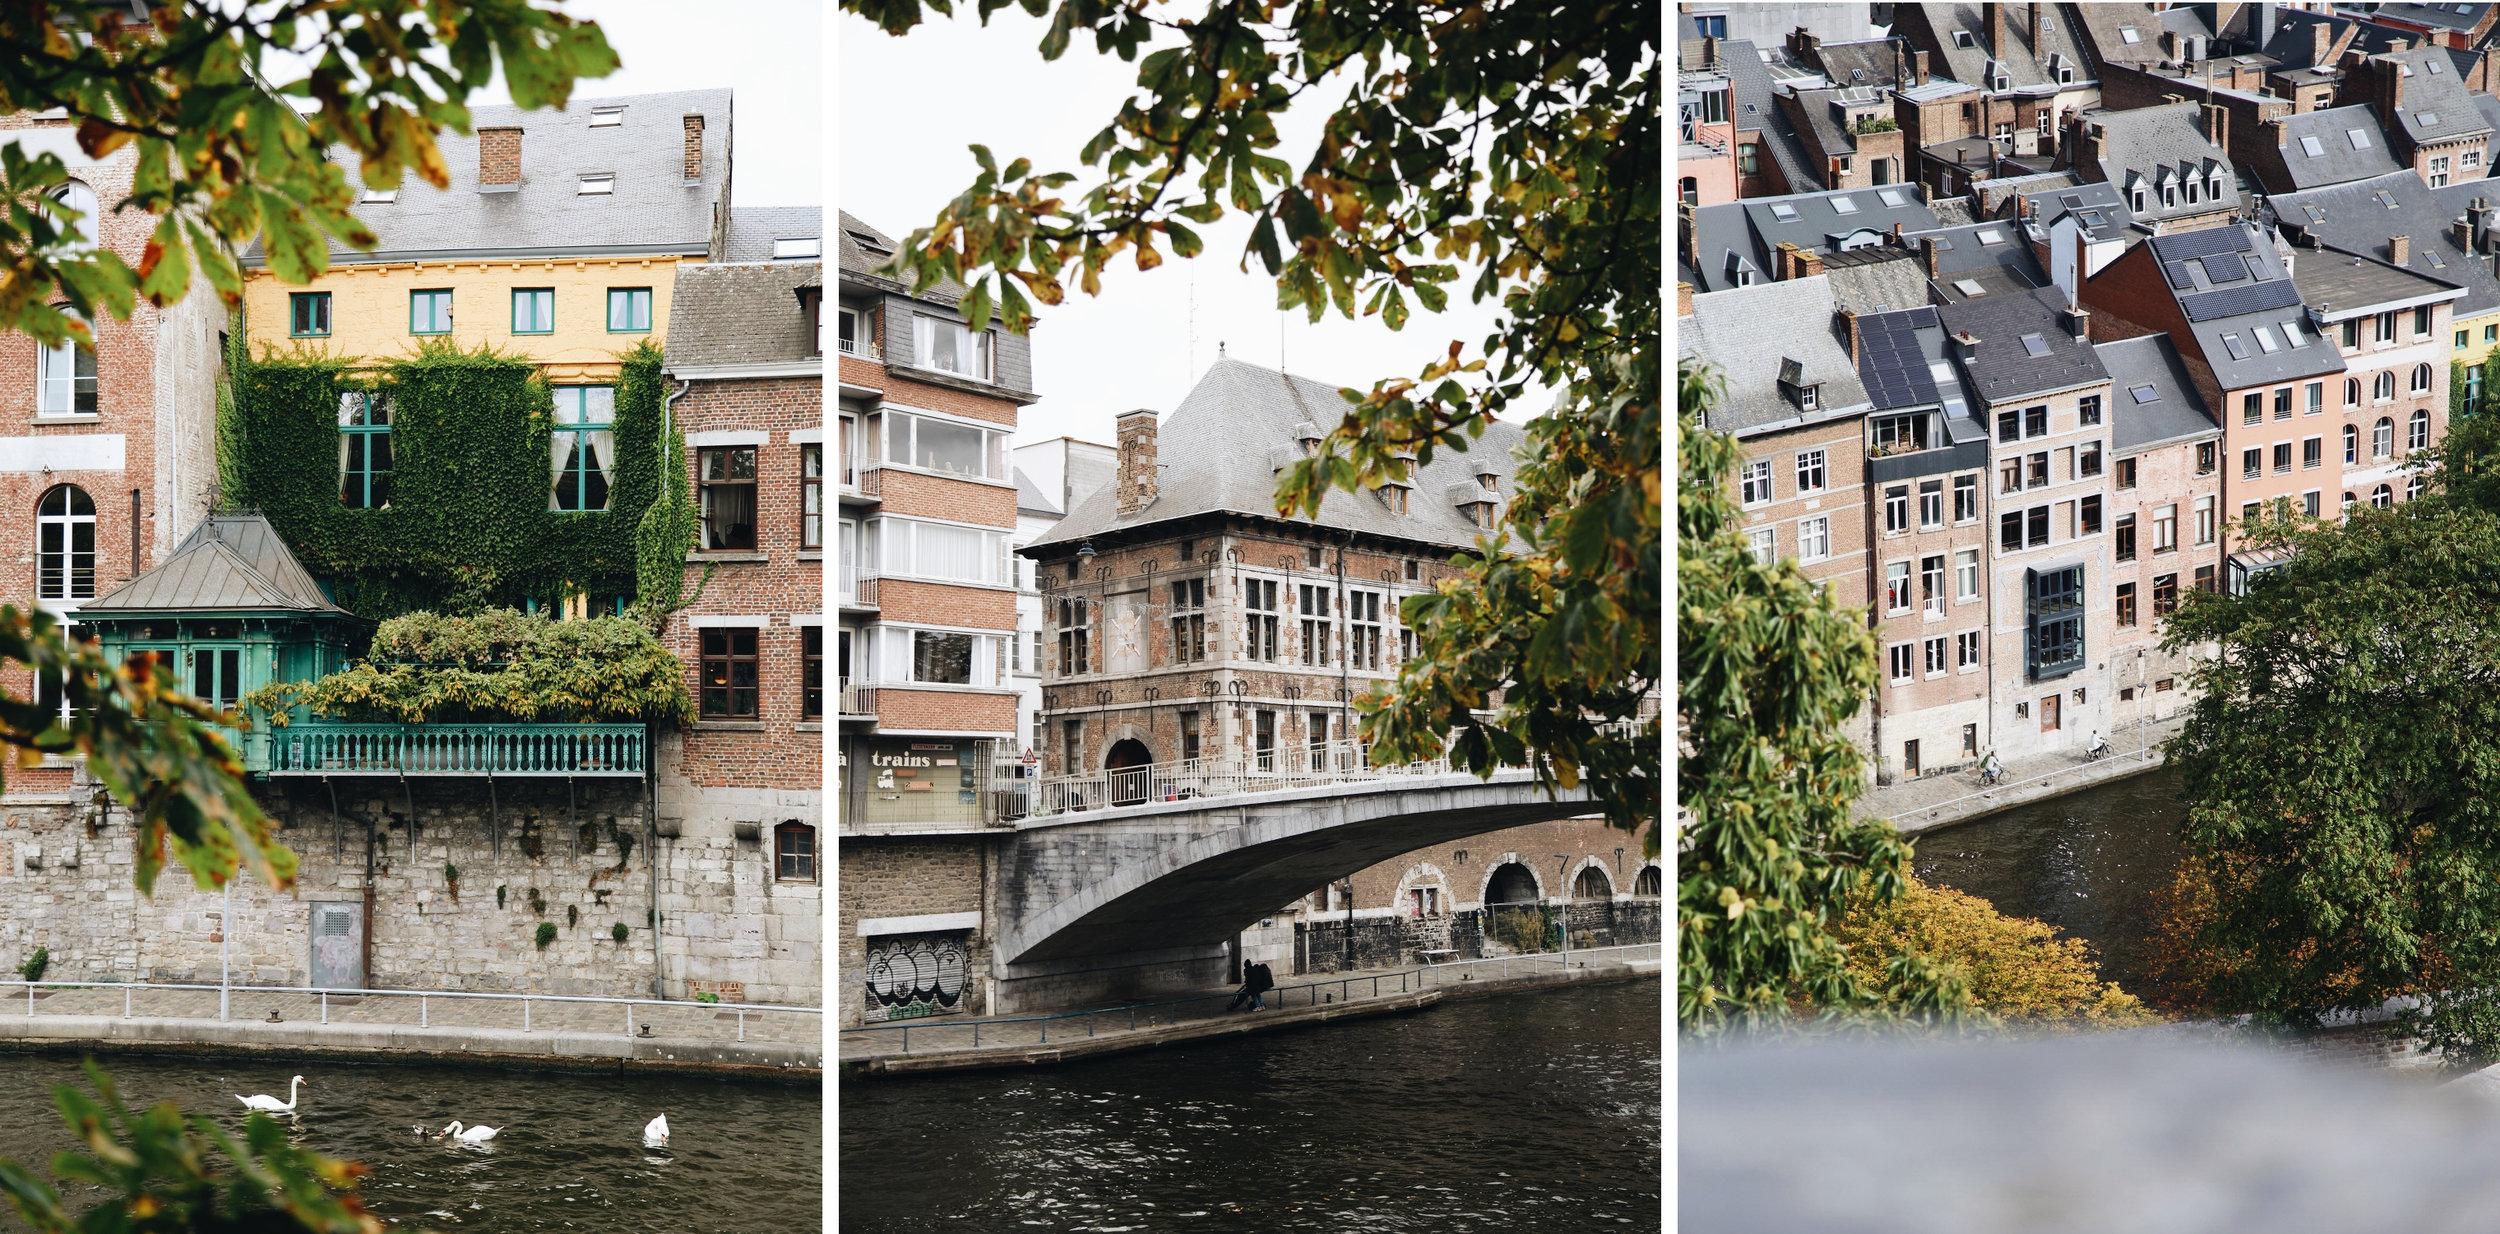 namur-centre-historique-quai-belgique-voyage-air-corsica.JPG